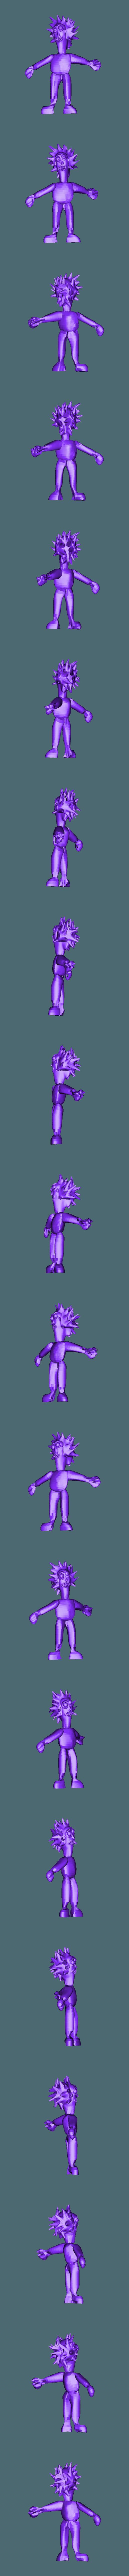 cylinder4_merged.obj Download free OBJ file Funny rick • 3D print design, dafineh777